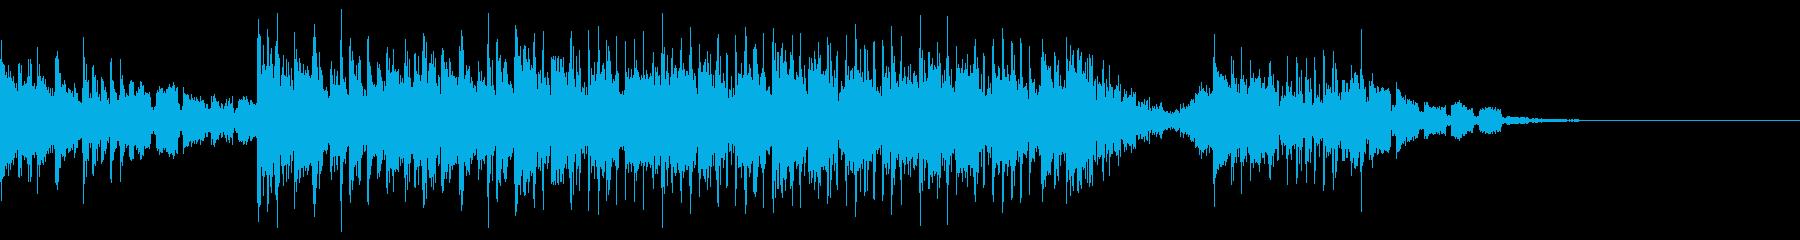 シンセリード ビートがだんだん複雑にの再生済みの波形